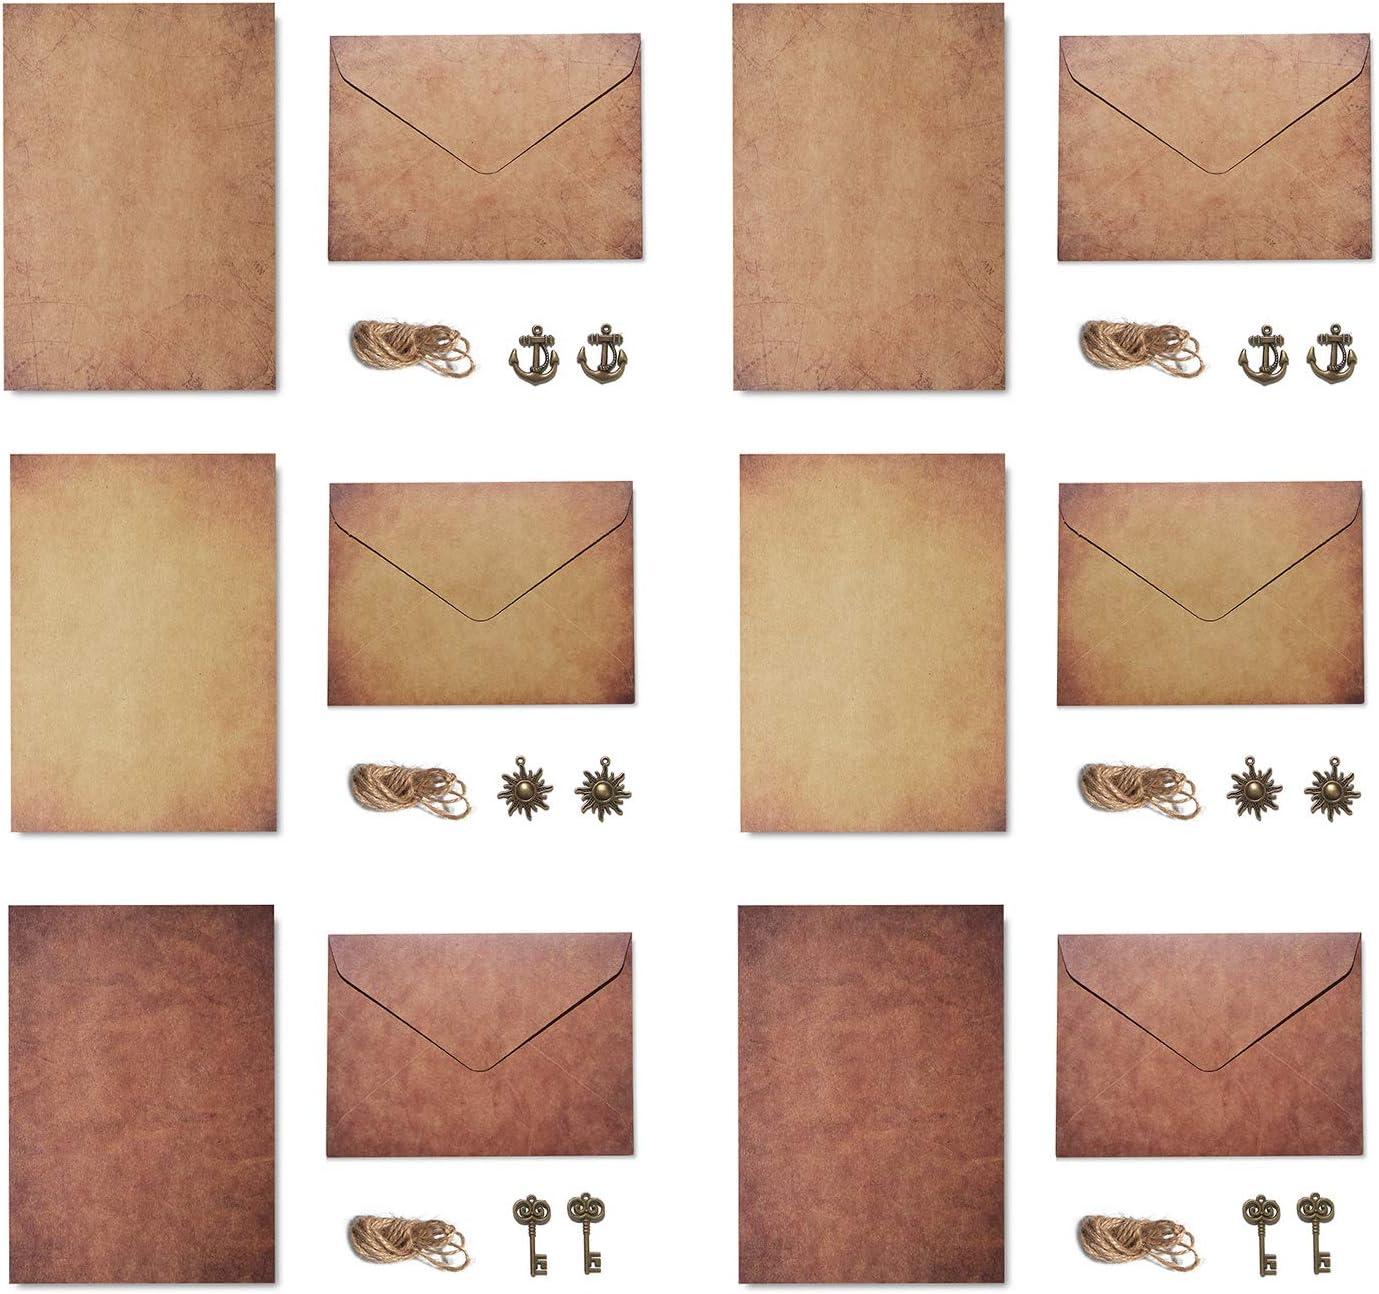 ensemble de papier /à lettres d/écriture de papeterie vintage papier imprim/é de conception de papier kraft de style classique vintage pour DIY Gwotfy 6Pack Ensemble denveloppes vintage